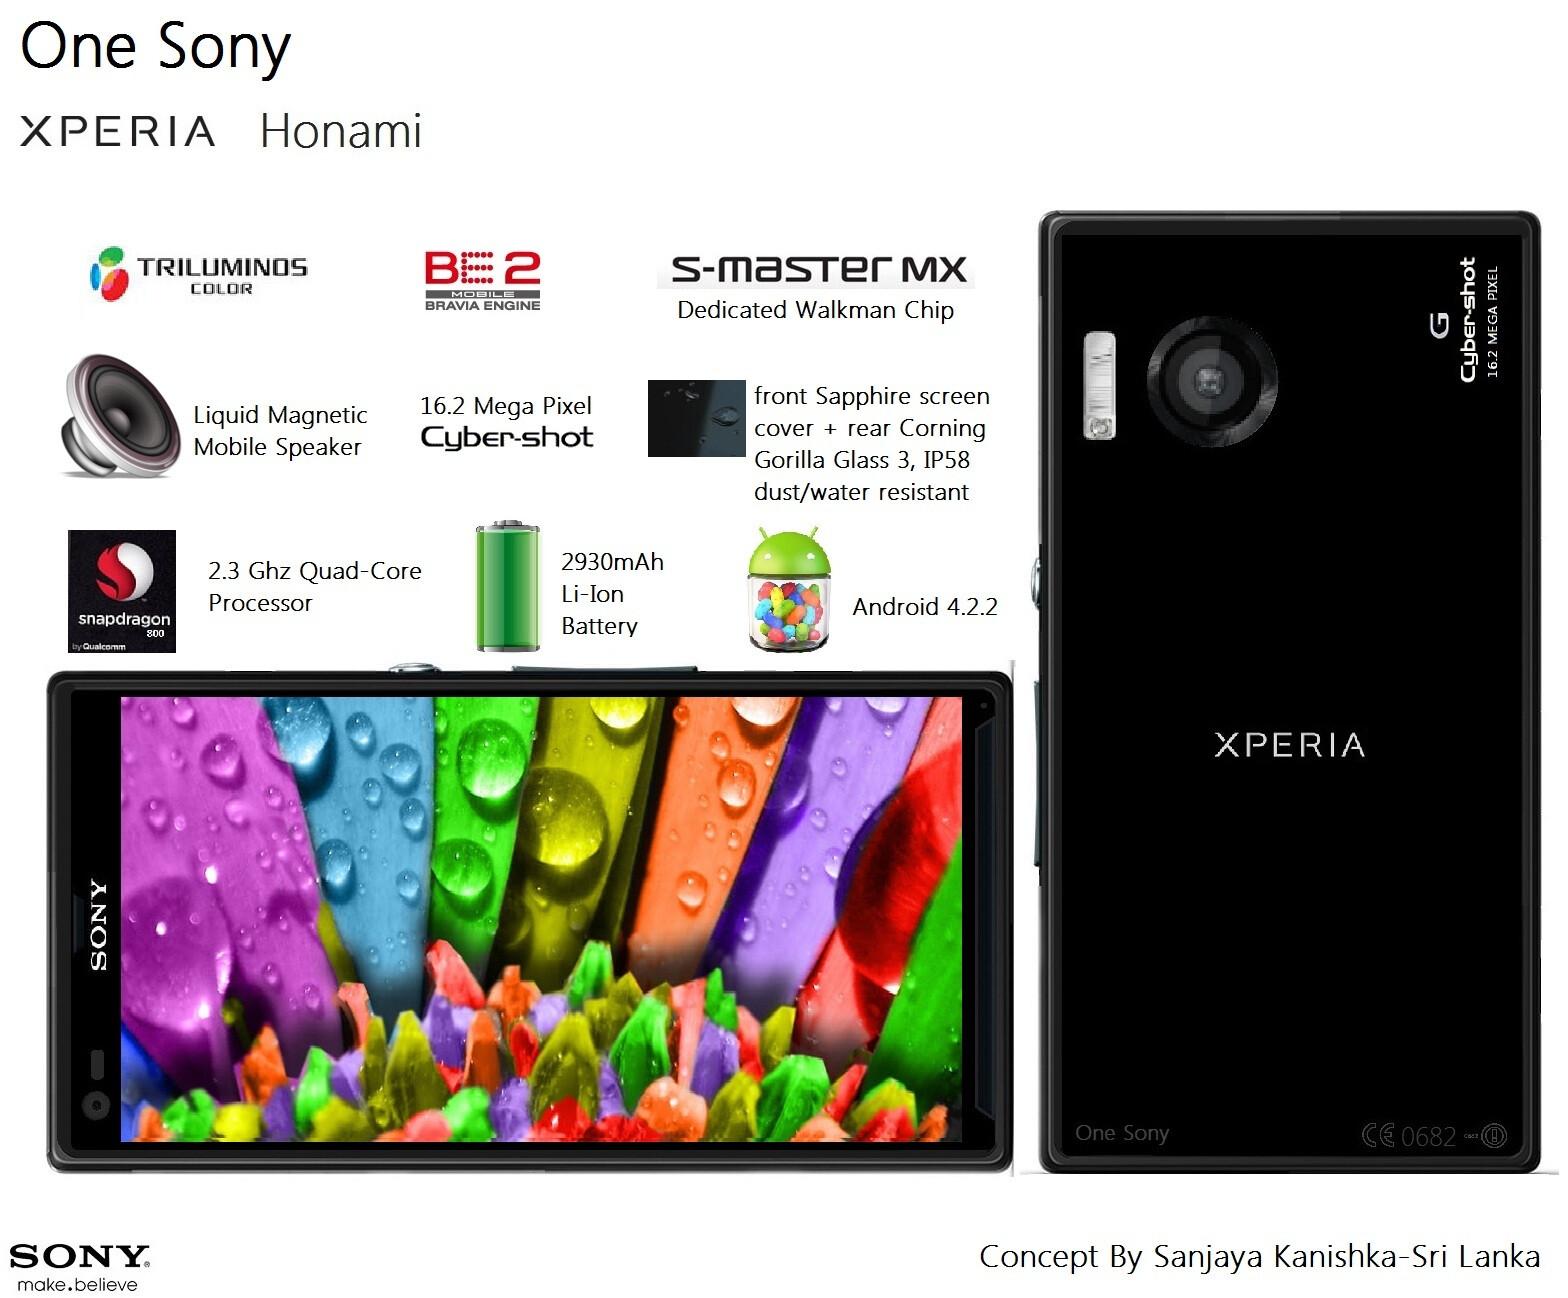 [NOTICIA] Sony xperia honami, el movil definitivo... 16 megapixeles , altavoces ultraliquid